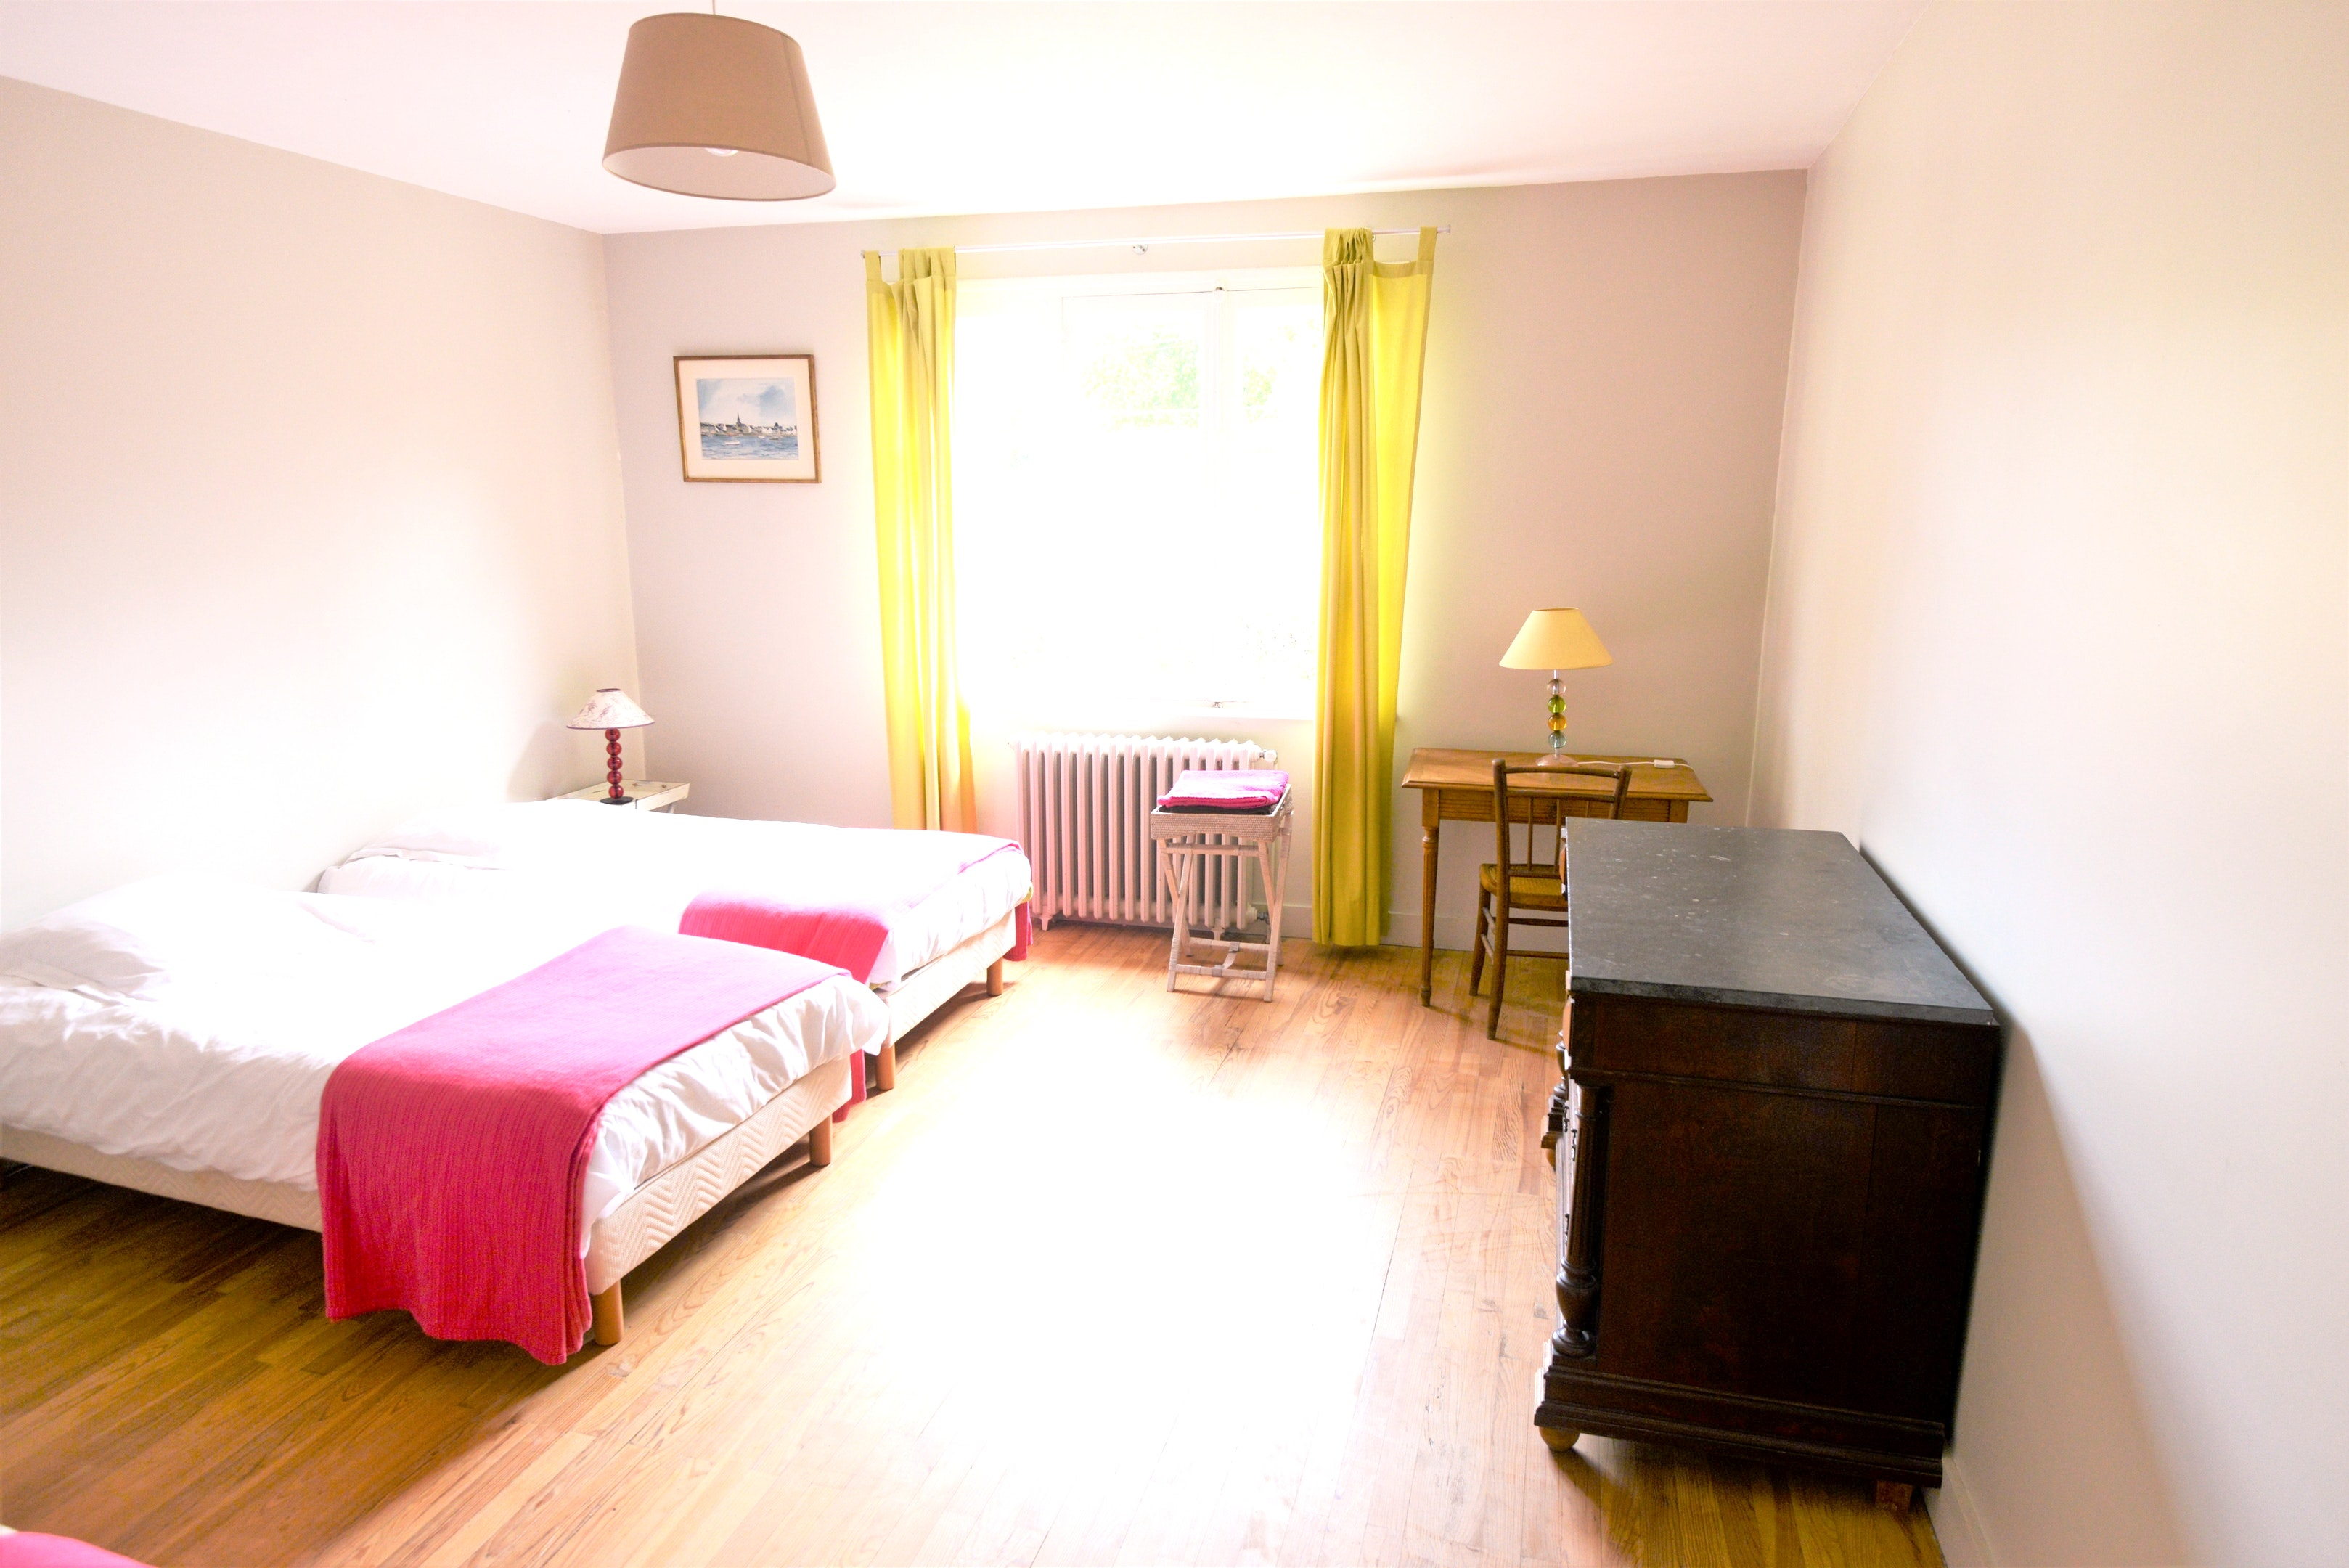 Ferienhaus Haus mit 2 Schlafzimmern in Grevilly mit eingezäuntem Garten (2202565), Grevilly, Saône-et-Loire, Burgund, Frankreich, Bild 7